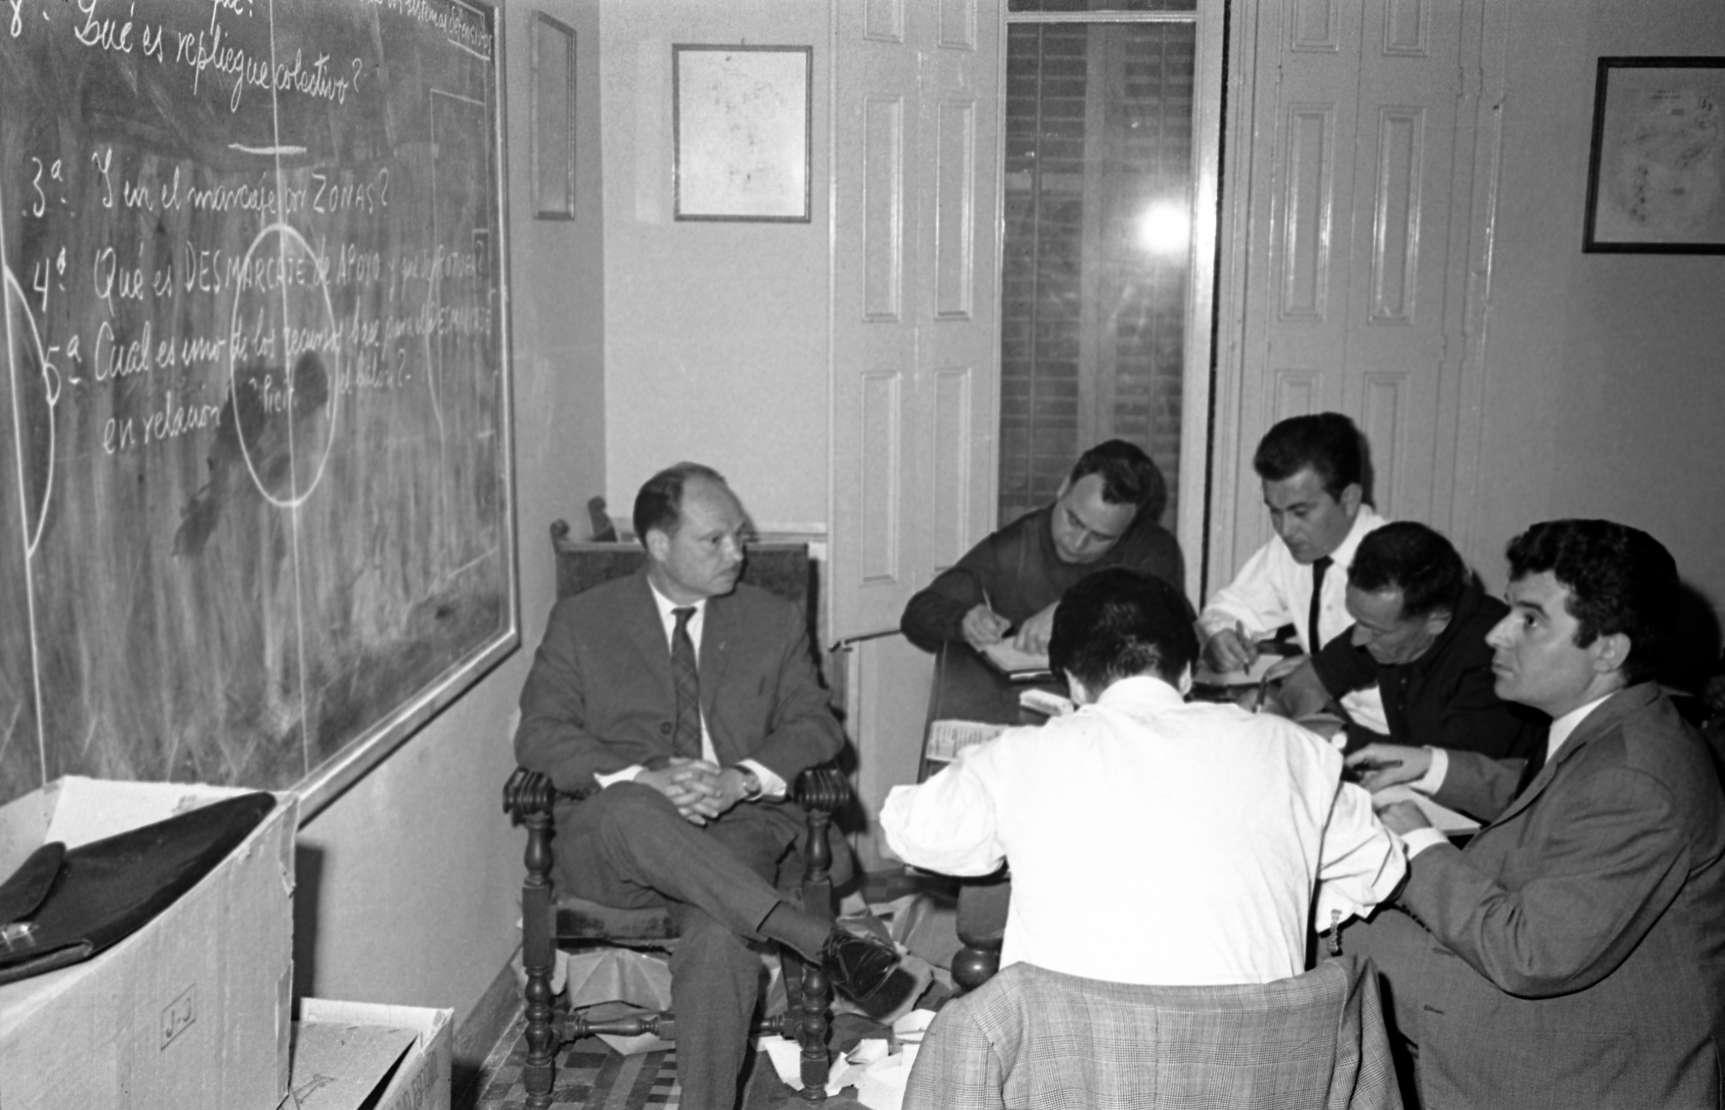 Vinceç Sasot, impartint una classe a l'Escola Catalana d'Entrenadors, el 1968 / FOTO: Horacio Seguí, FC Barcelona